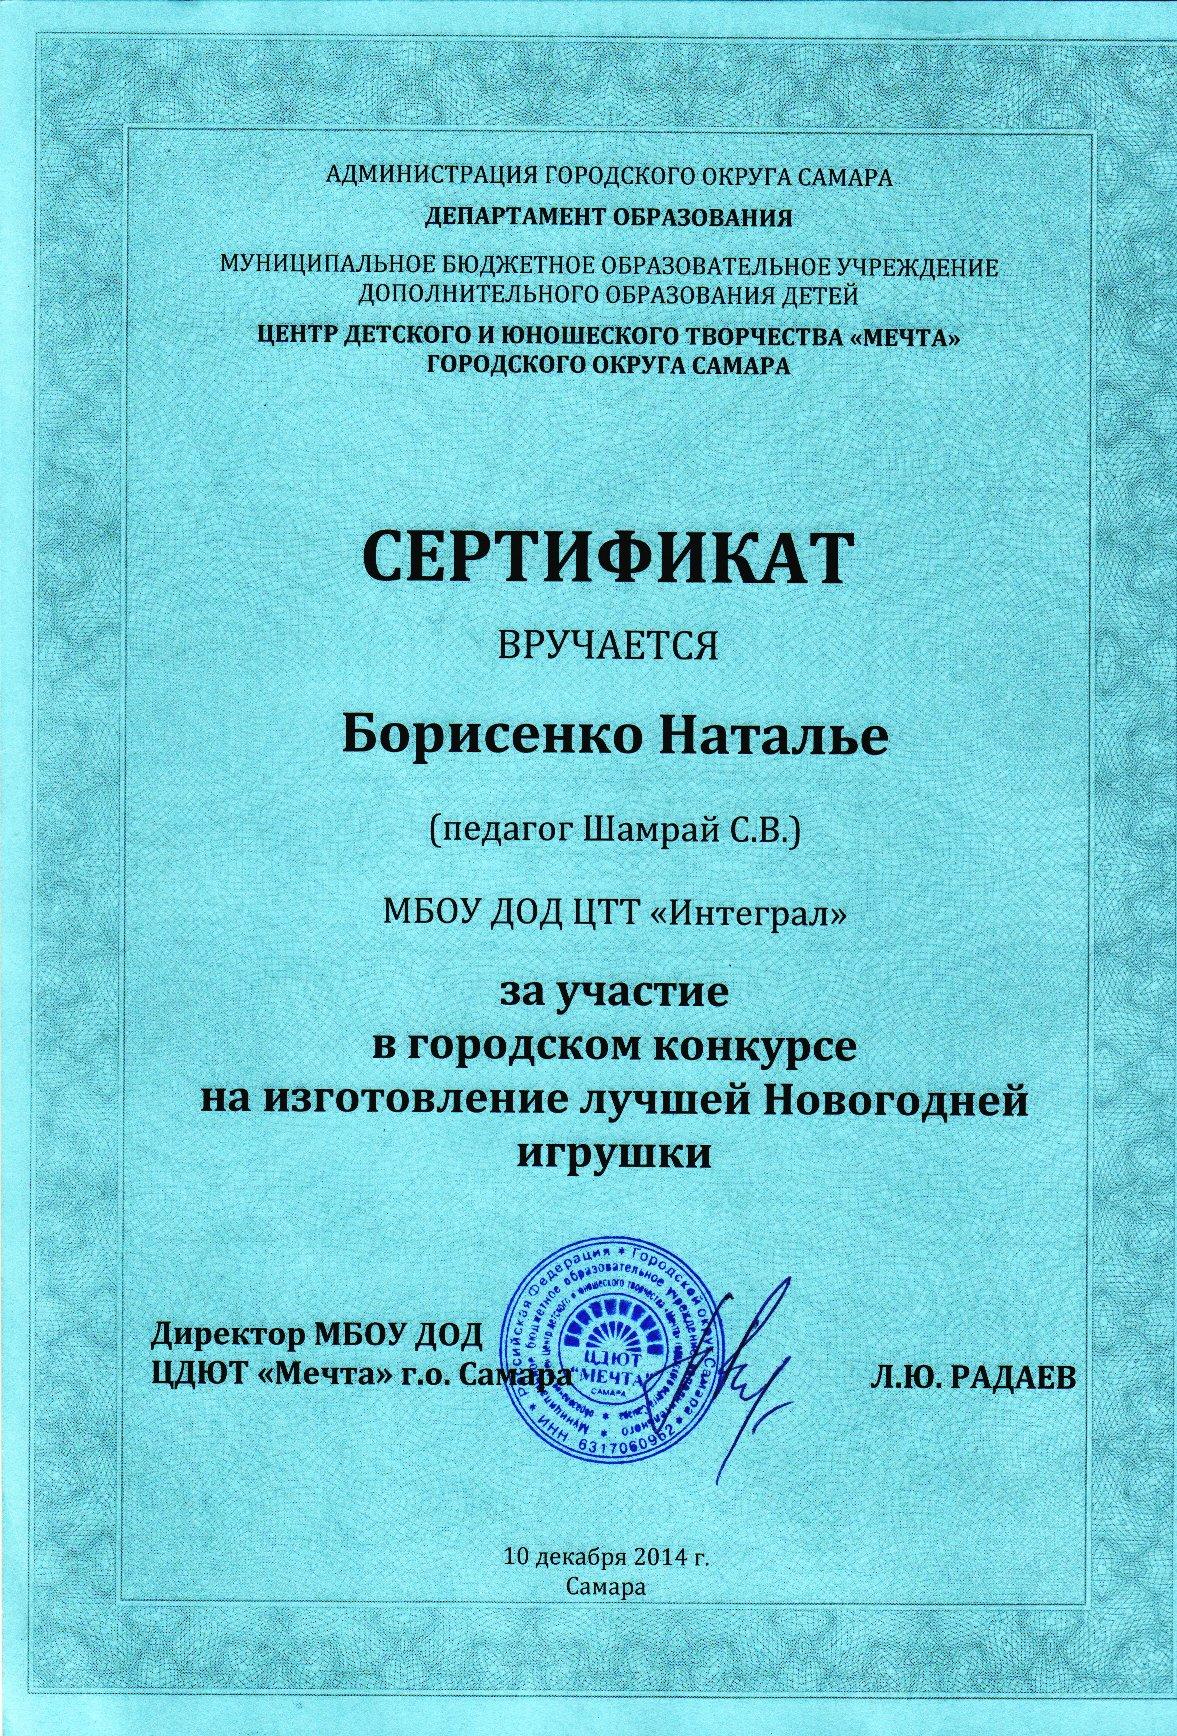 Novogodnyaya_Igrushka_2014_Borisenko_Nataljya